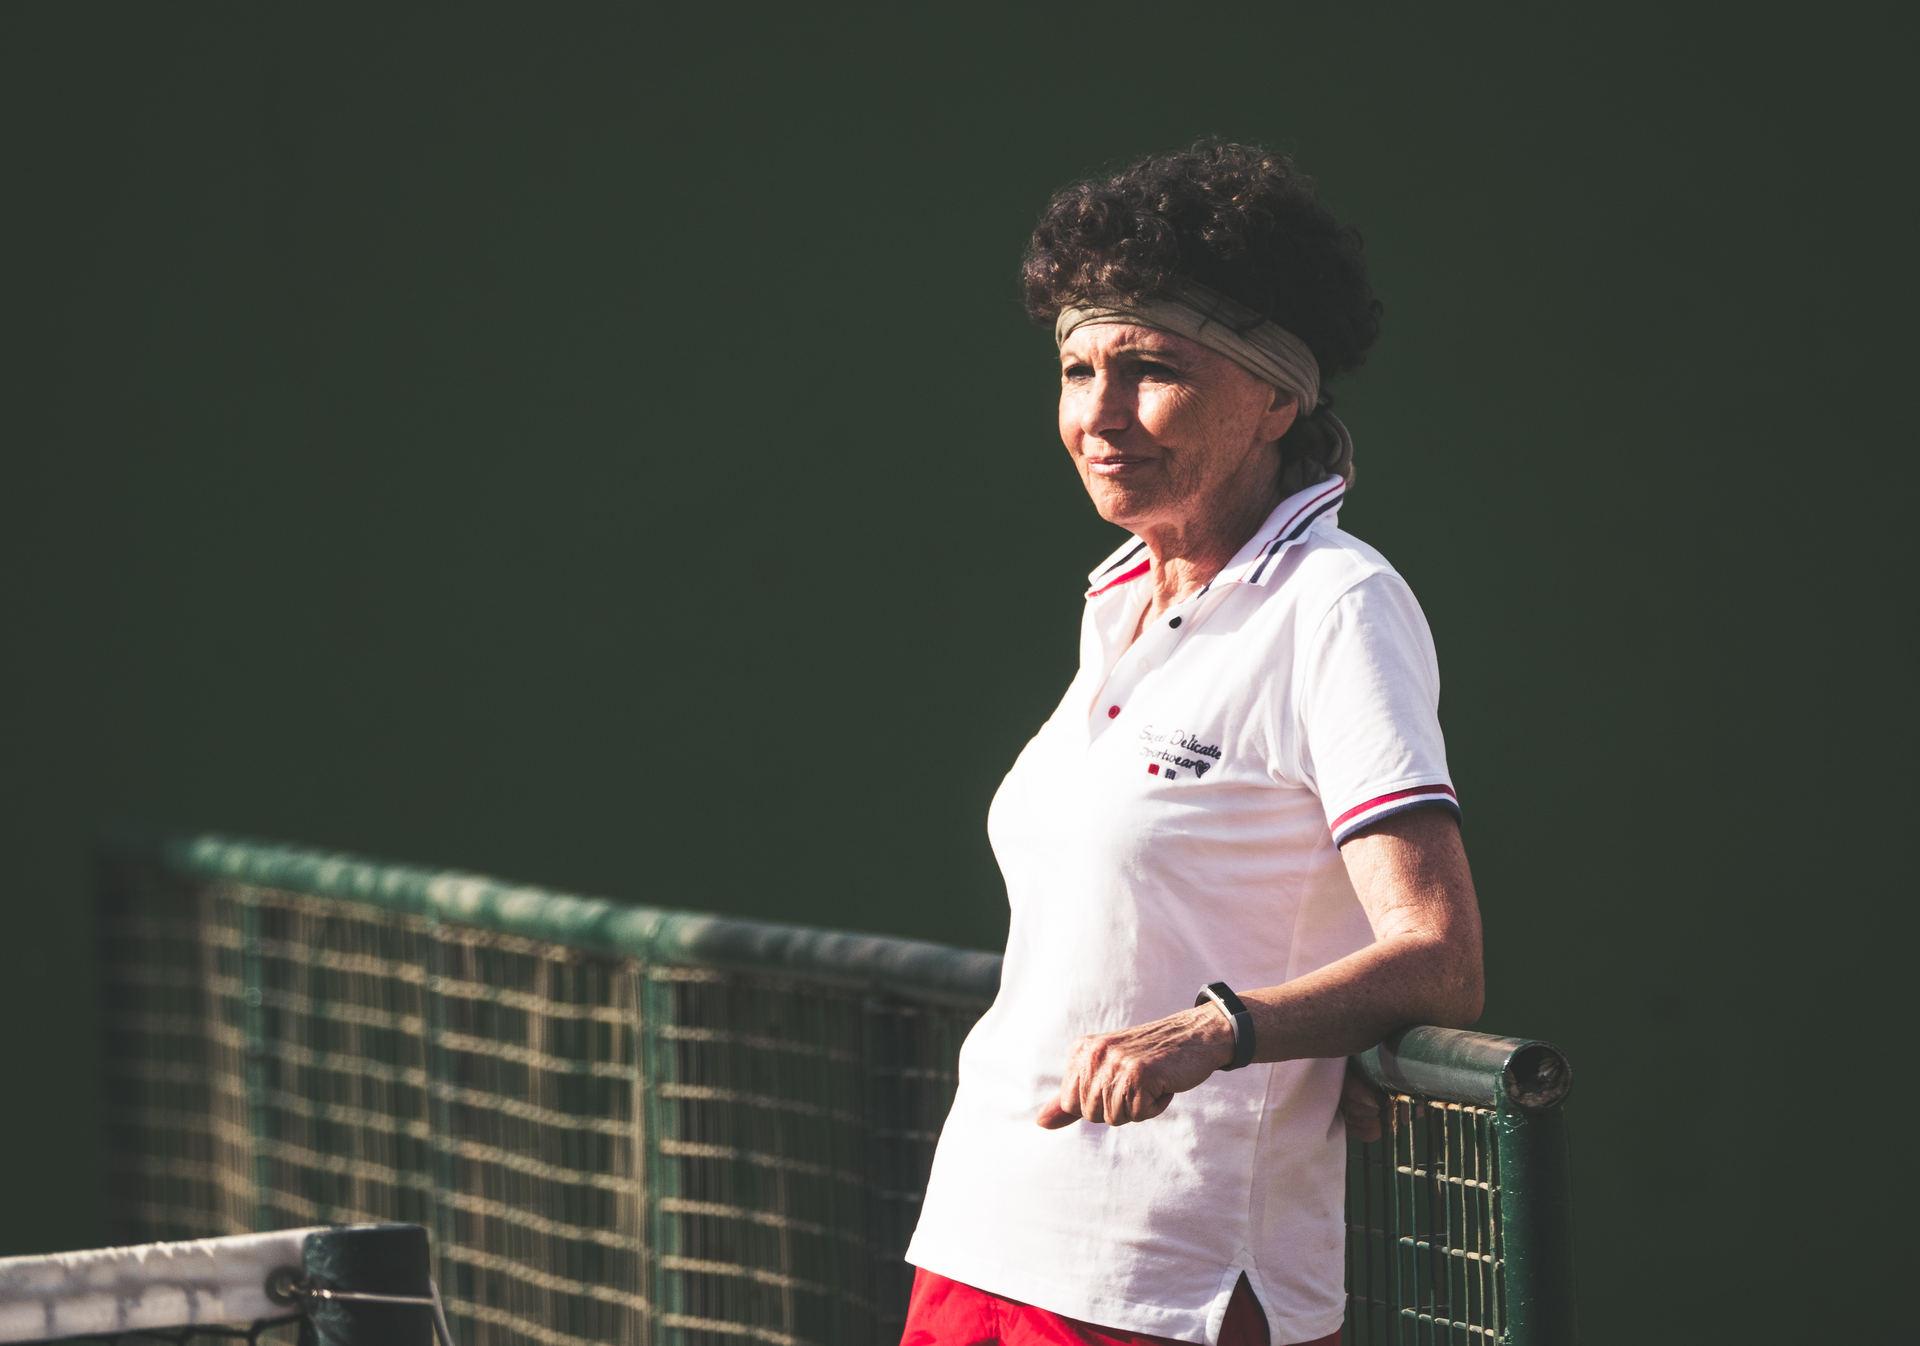 foto_tennis_diegomenzi.jpg